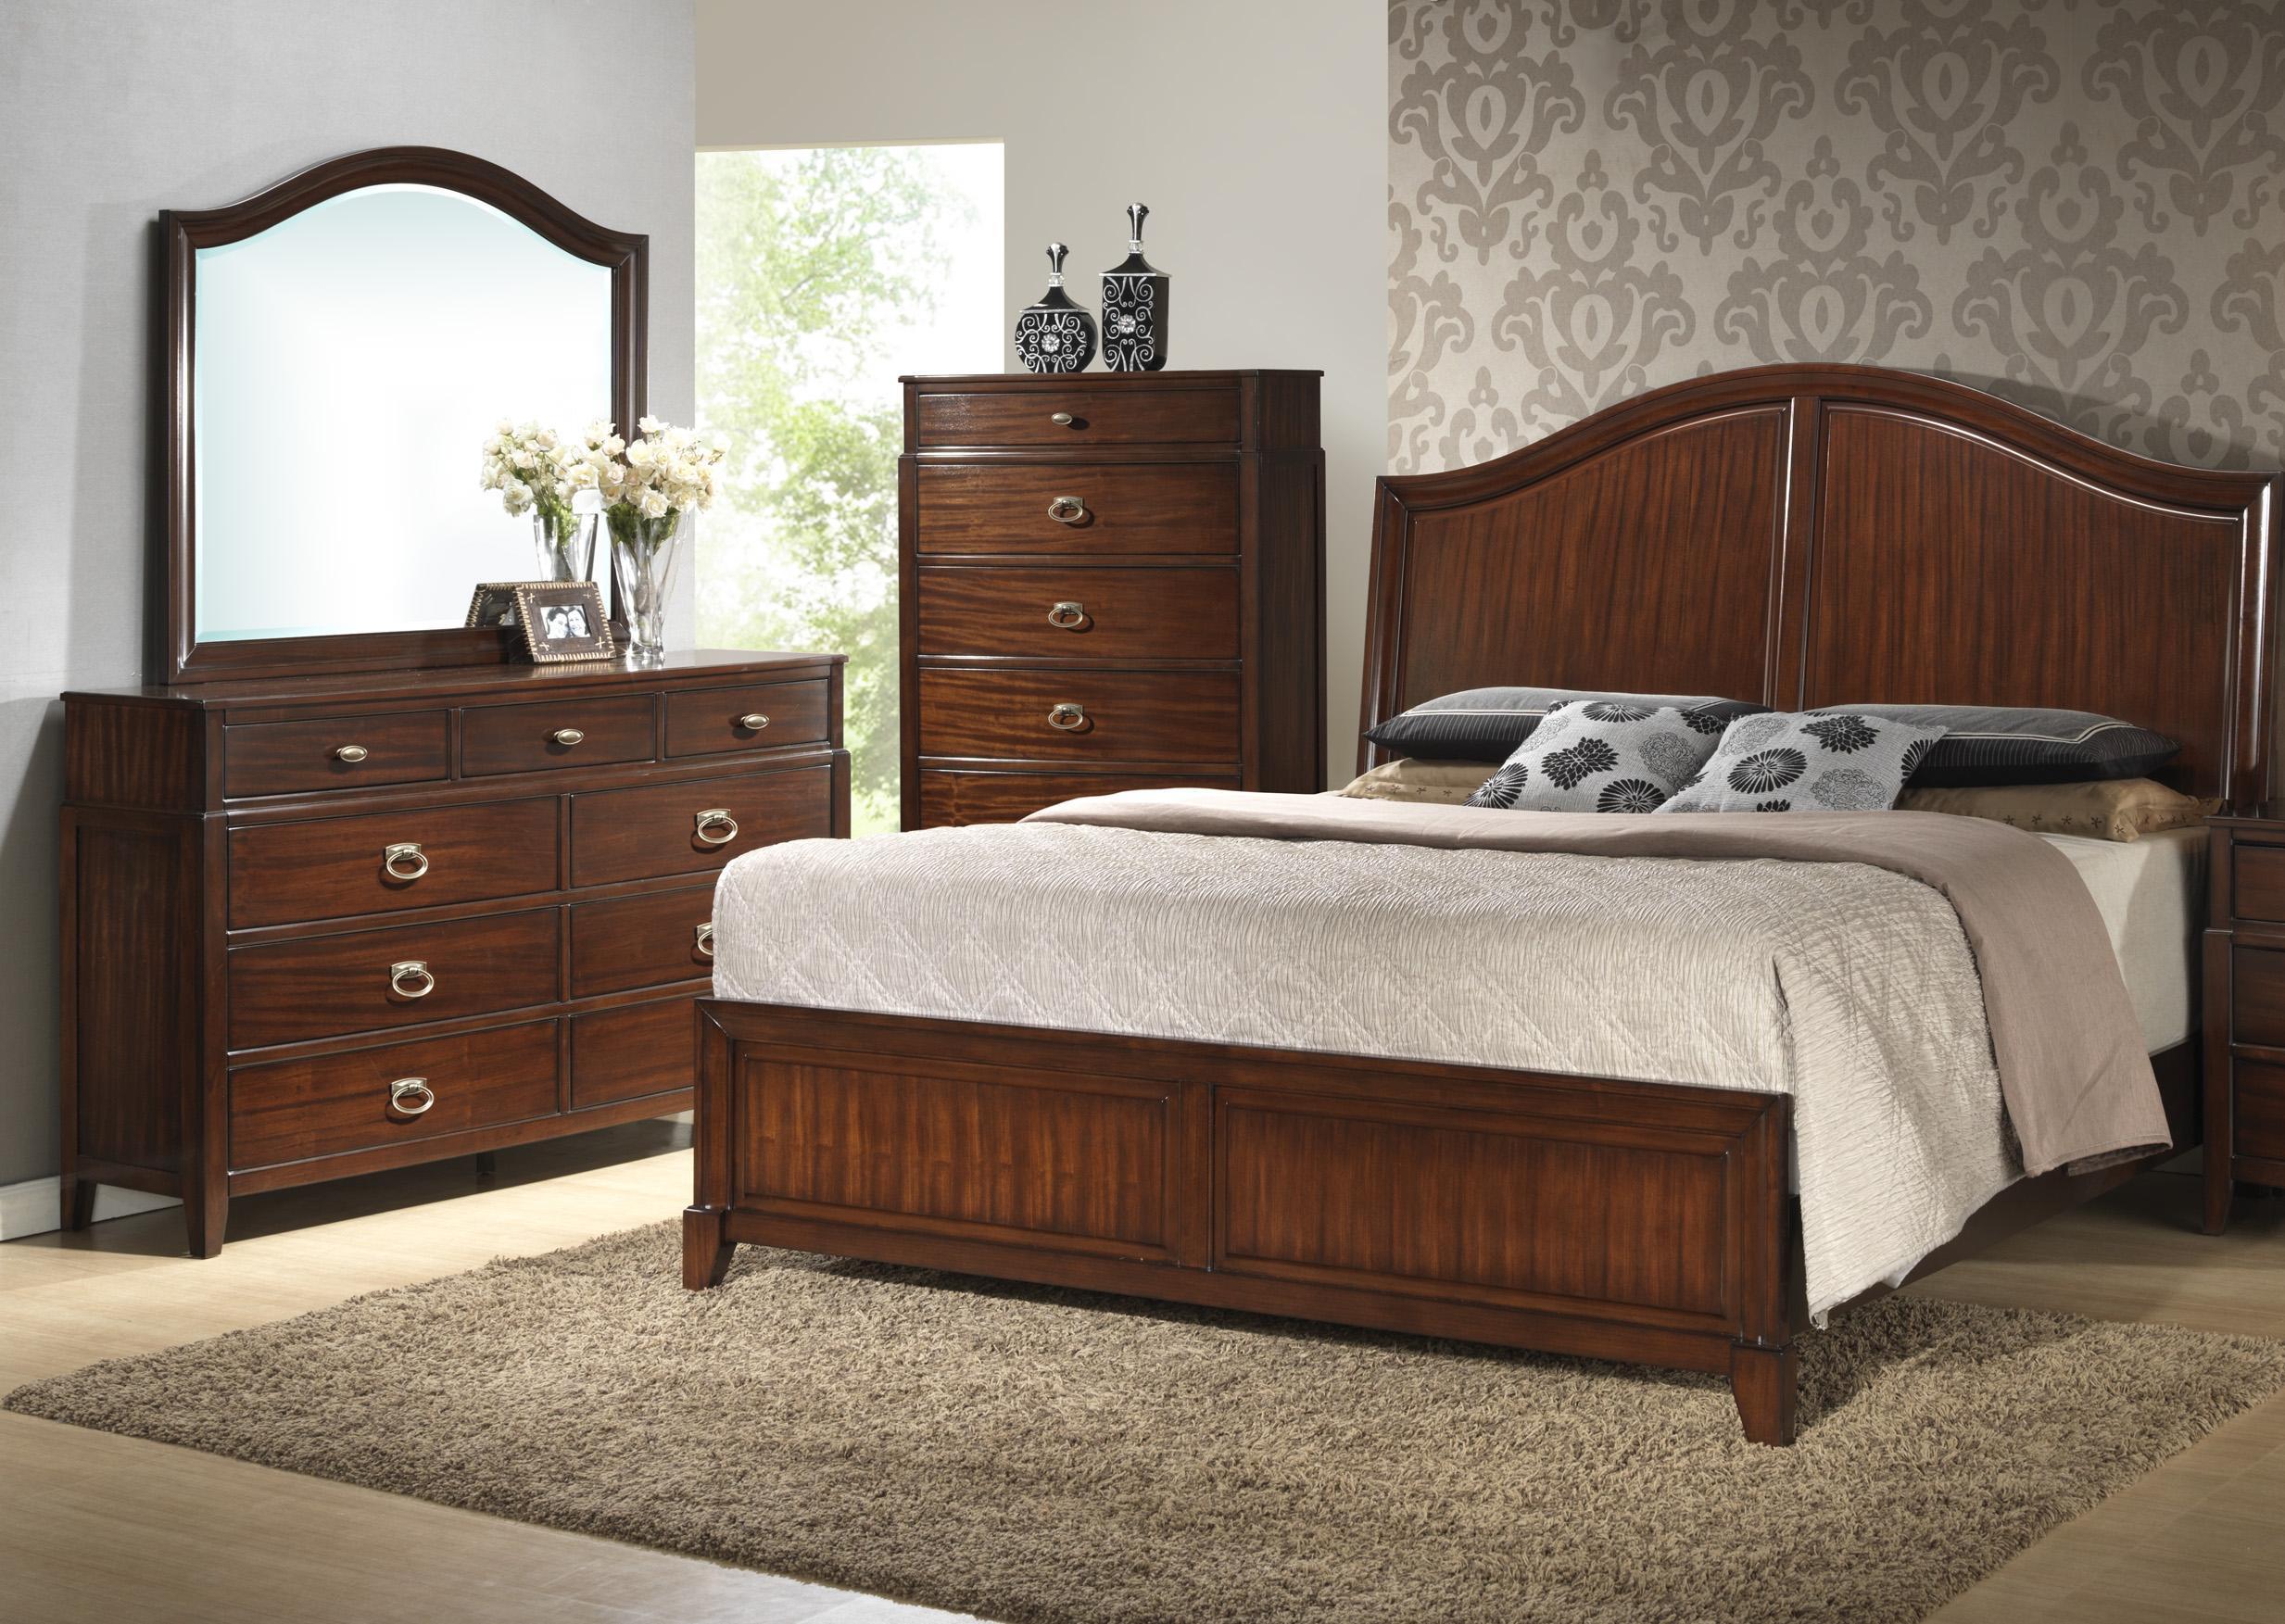 Crown Mark Alma  3 Piece Queen Bedroom Set - Item Number: B6600 Q Bedroom Group 2